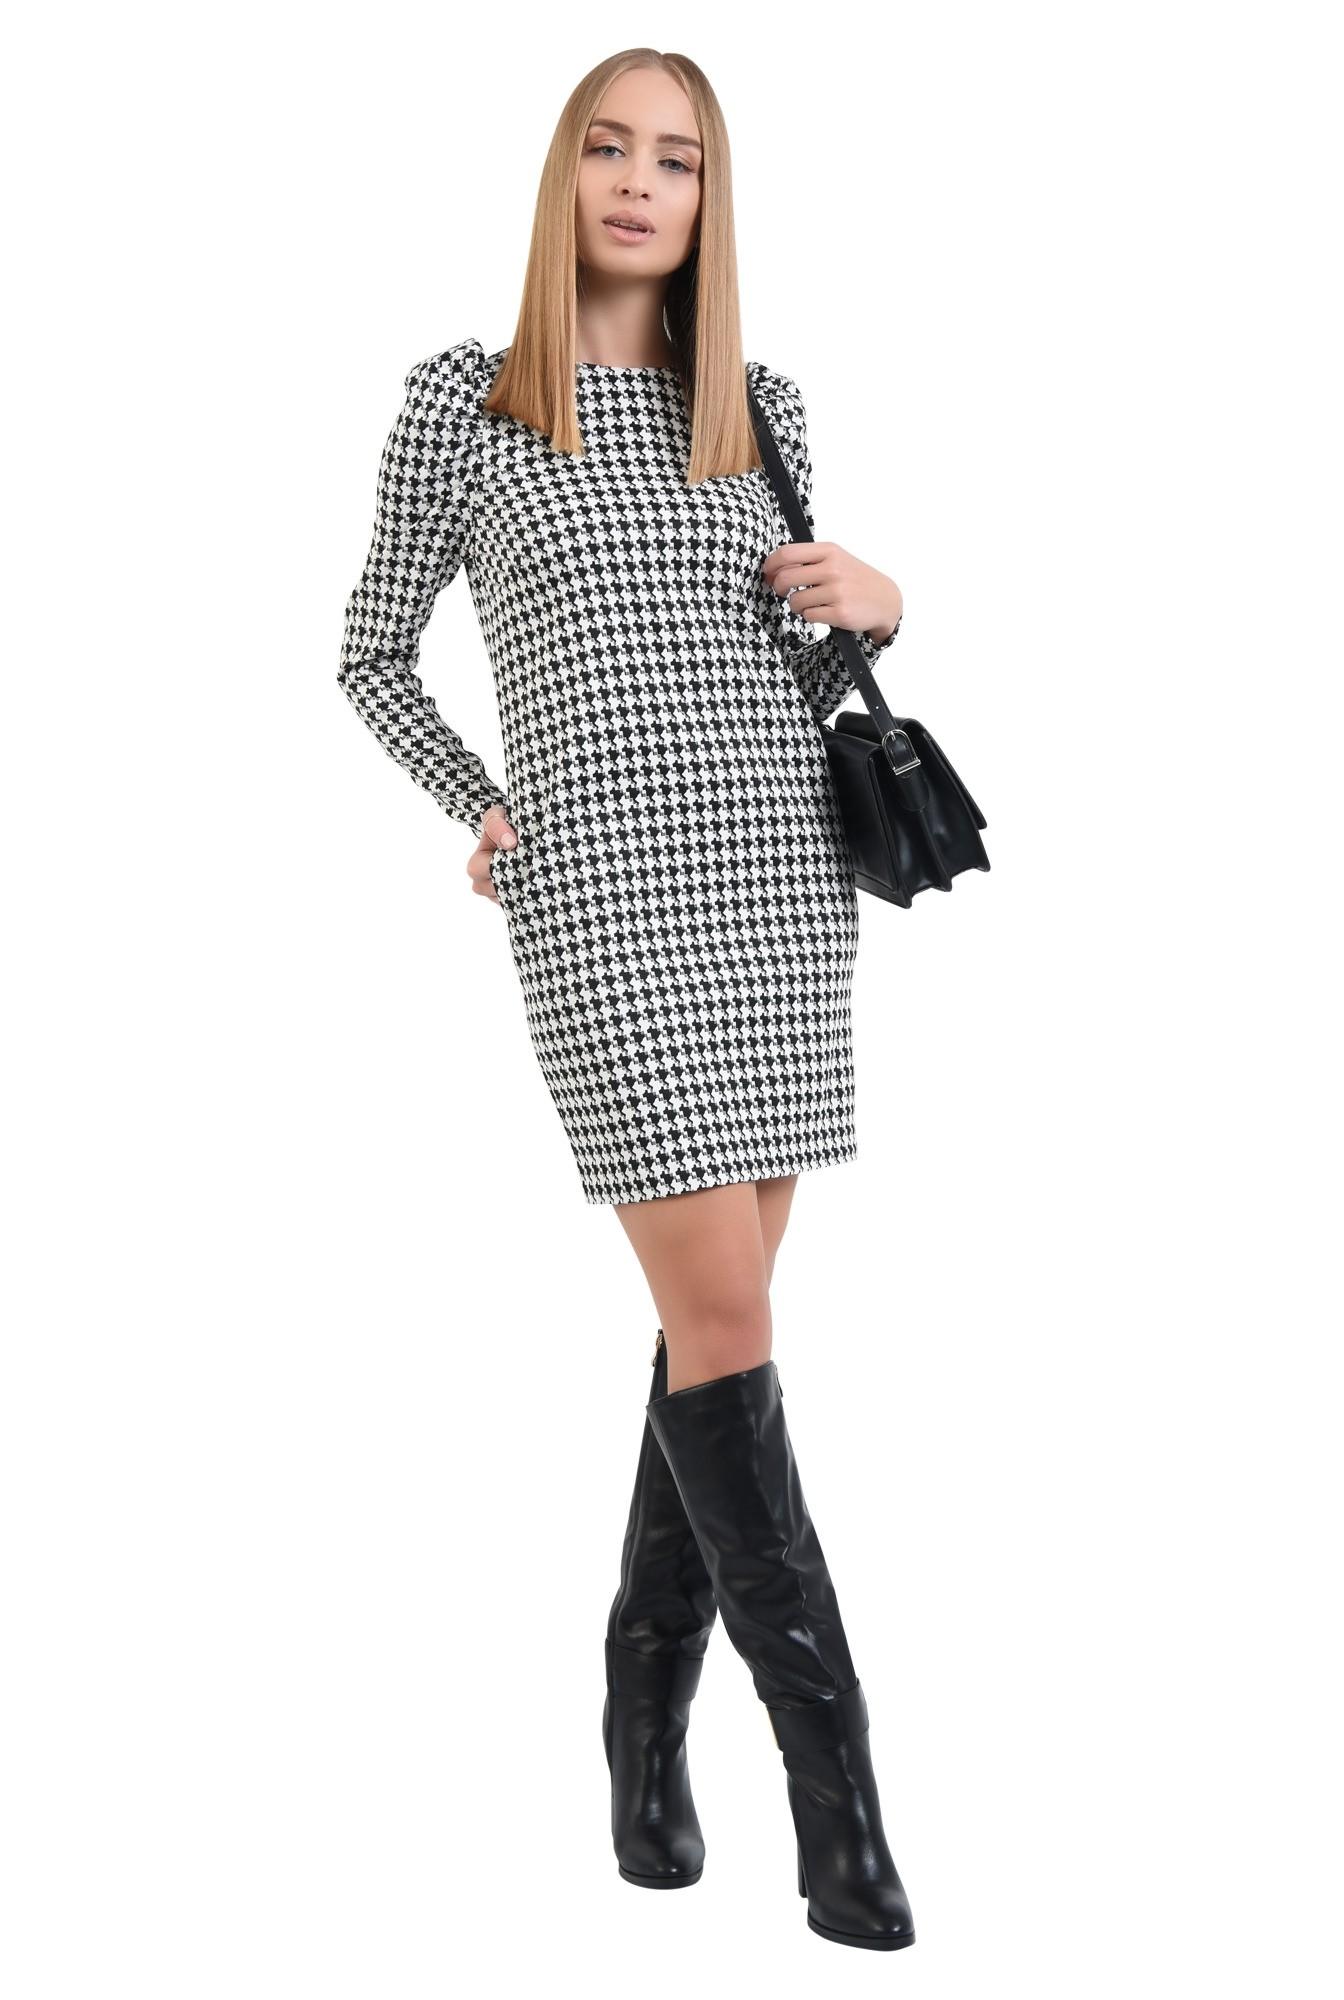 3 - 360 - rochie office, scurta, croi drept, maneci lungi, pepit, alb-negru